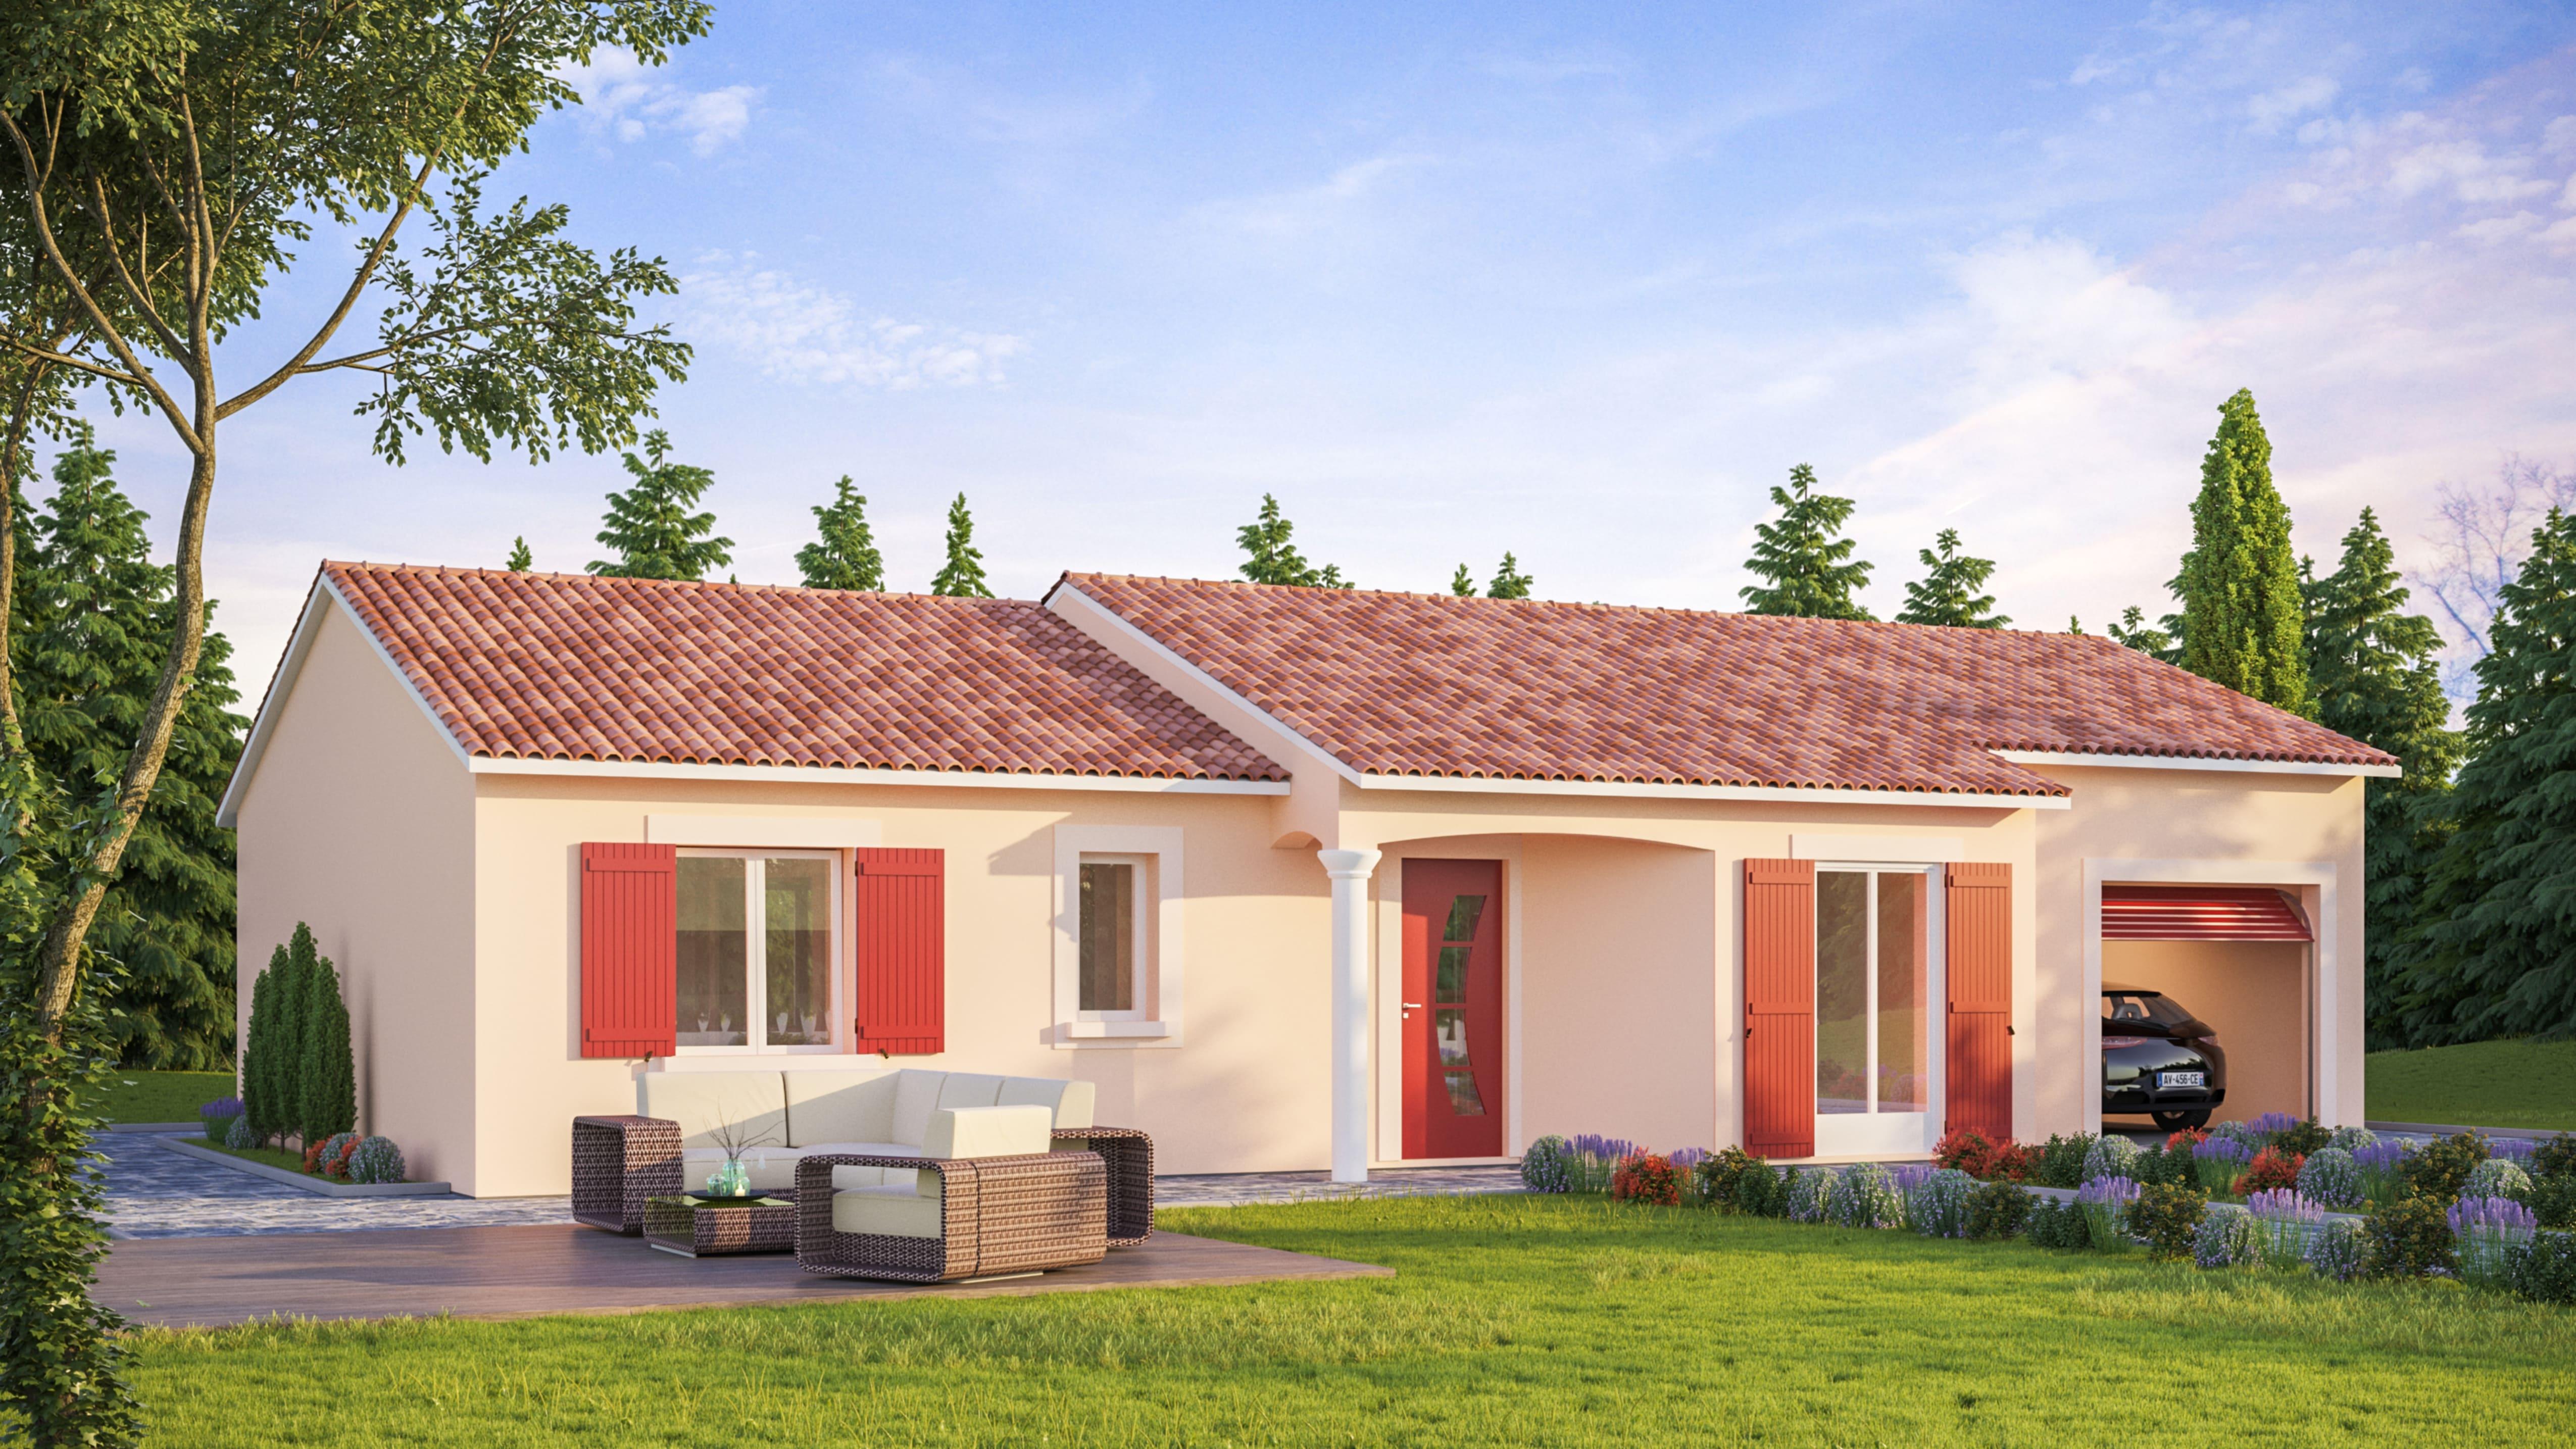 Maisons + Terrains du constructeur VIV'HOME • 98 m² • COURCON